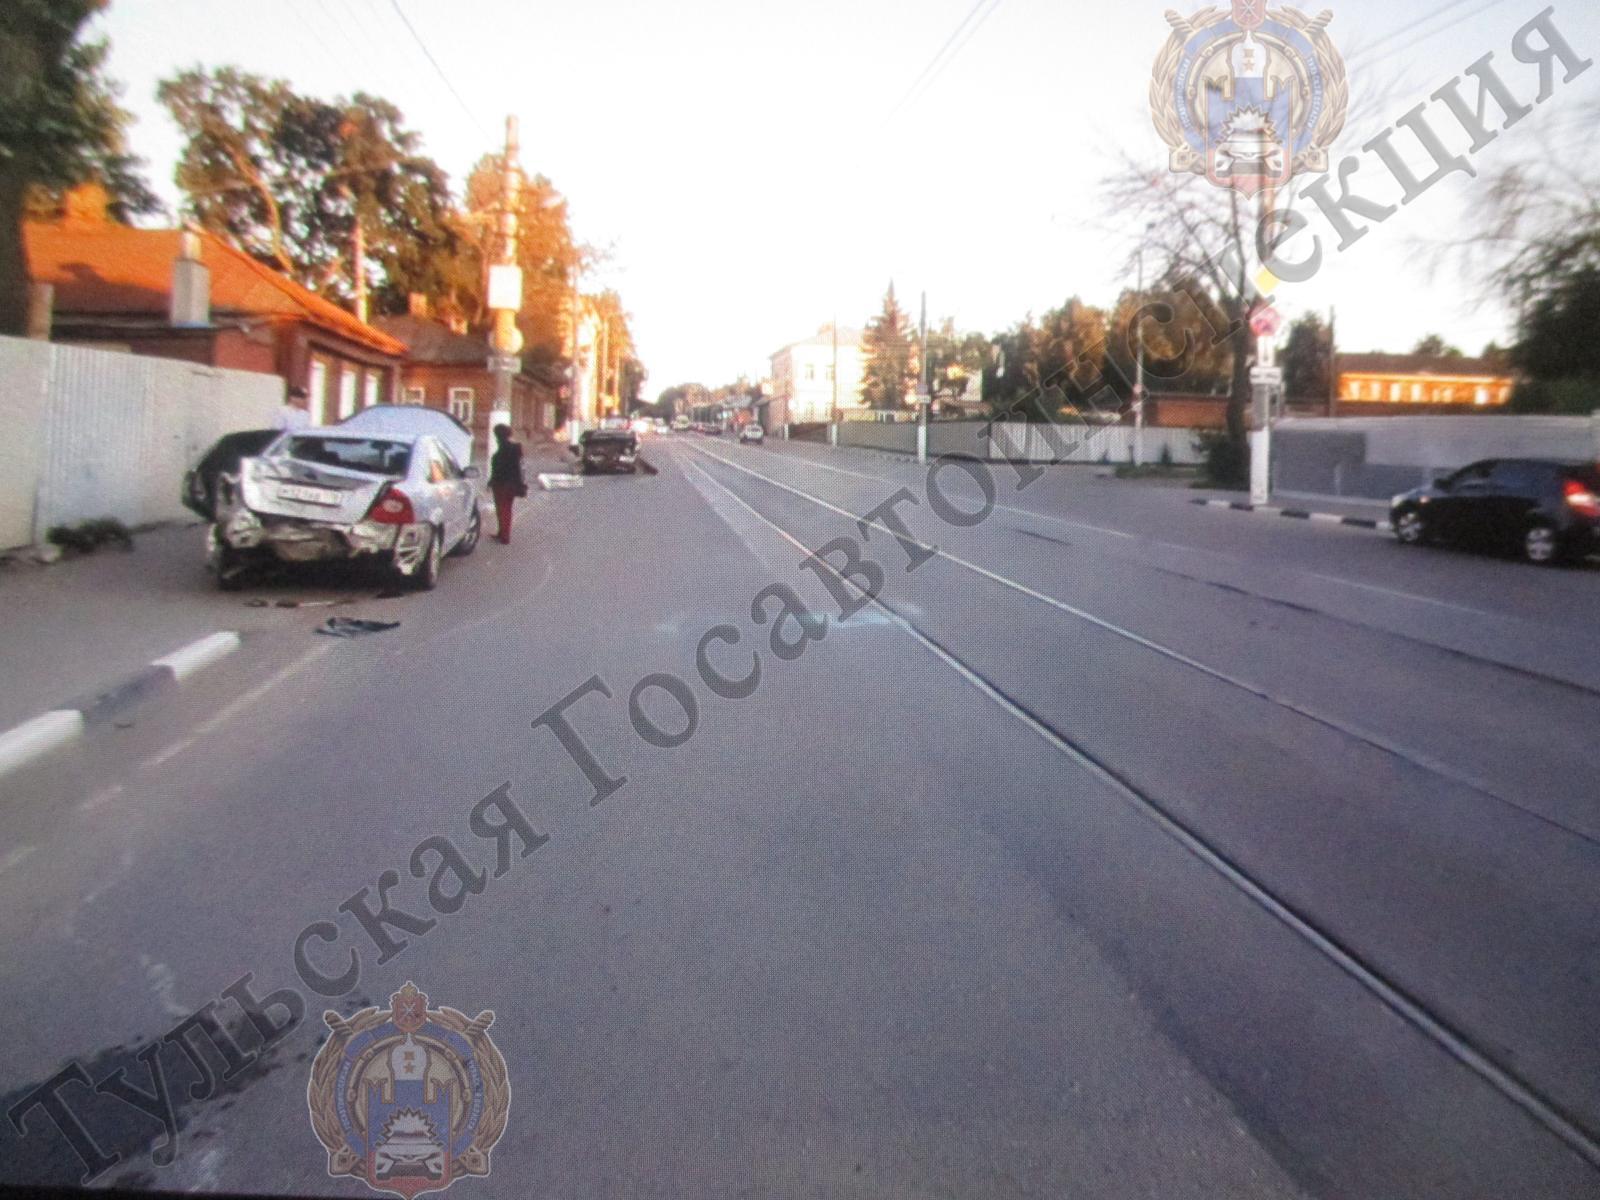 Женщина и ребенок пострадали в аварии на улице Оборонной в Туле